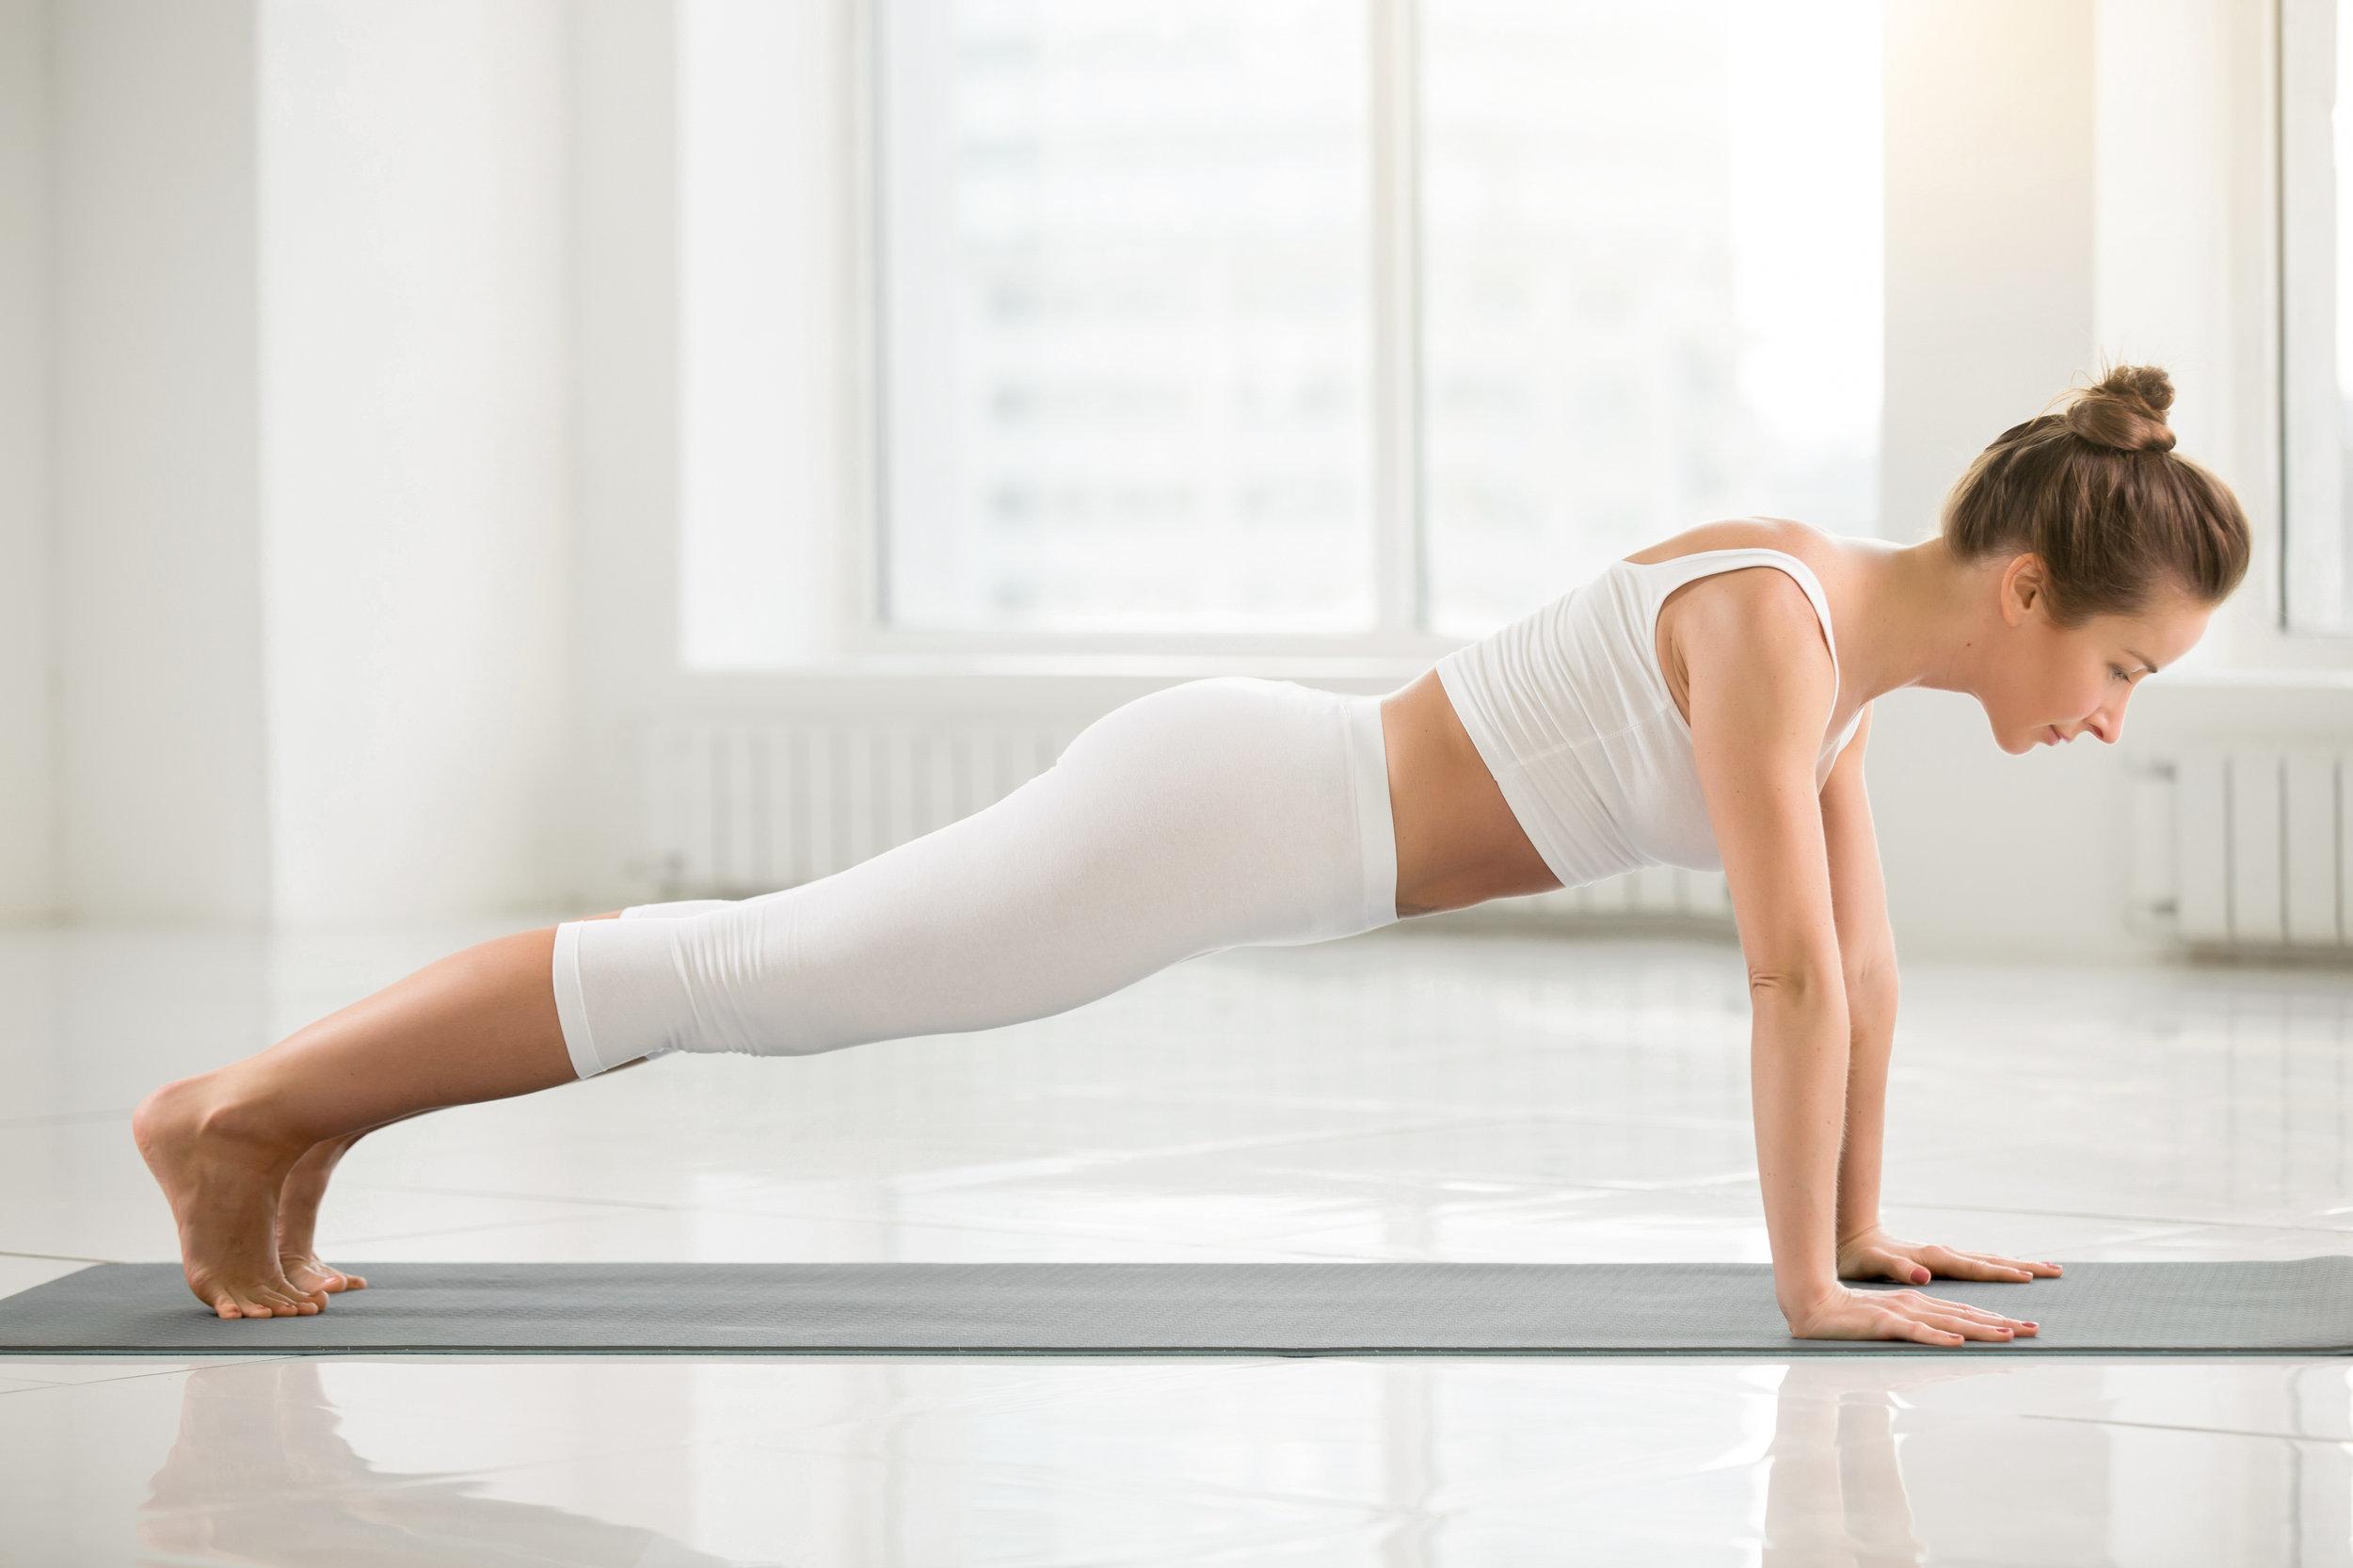 Bron: https://nl.freepik.com/vrije-photo/jonge-aantrekkelijke-vrouw-die-zich-in-plank-bevindt-zich-witte-kleur-backg_1281988.html